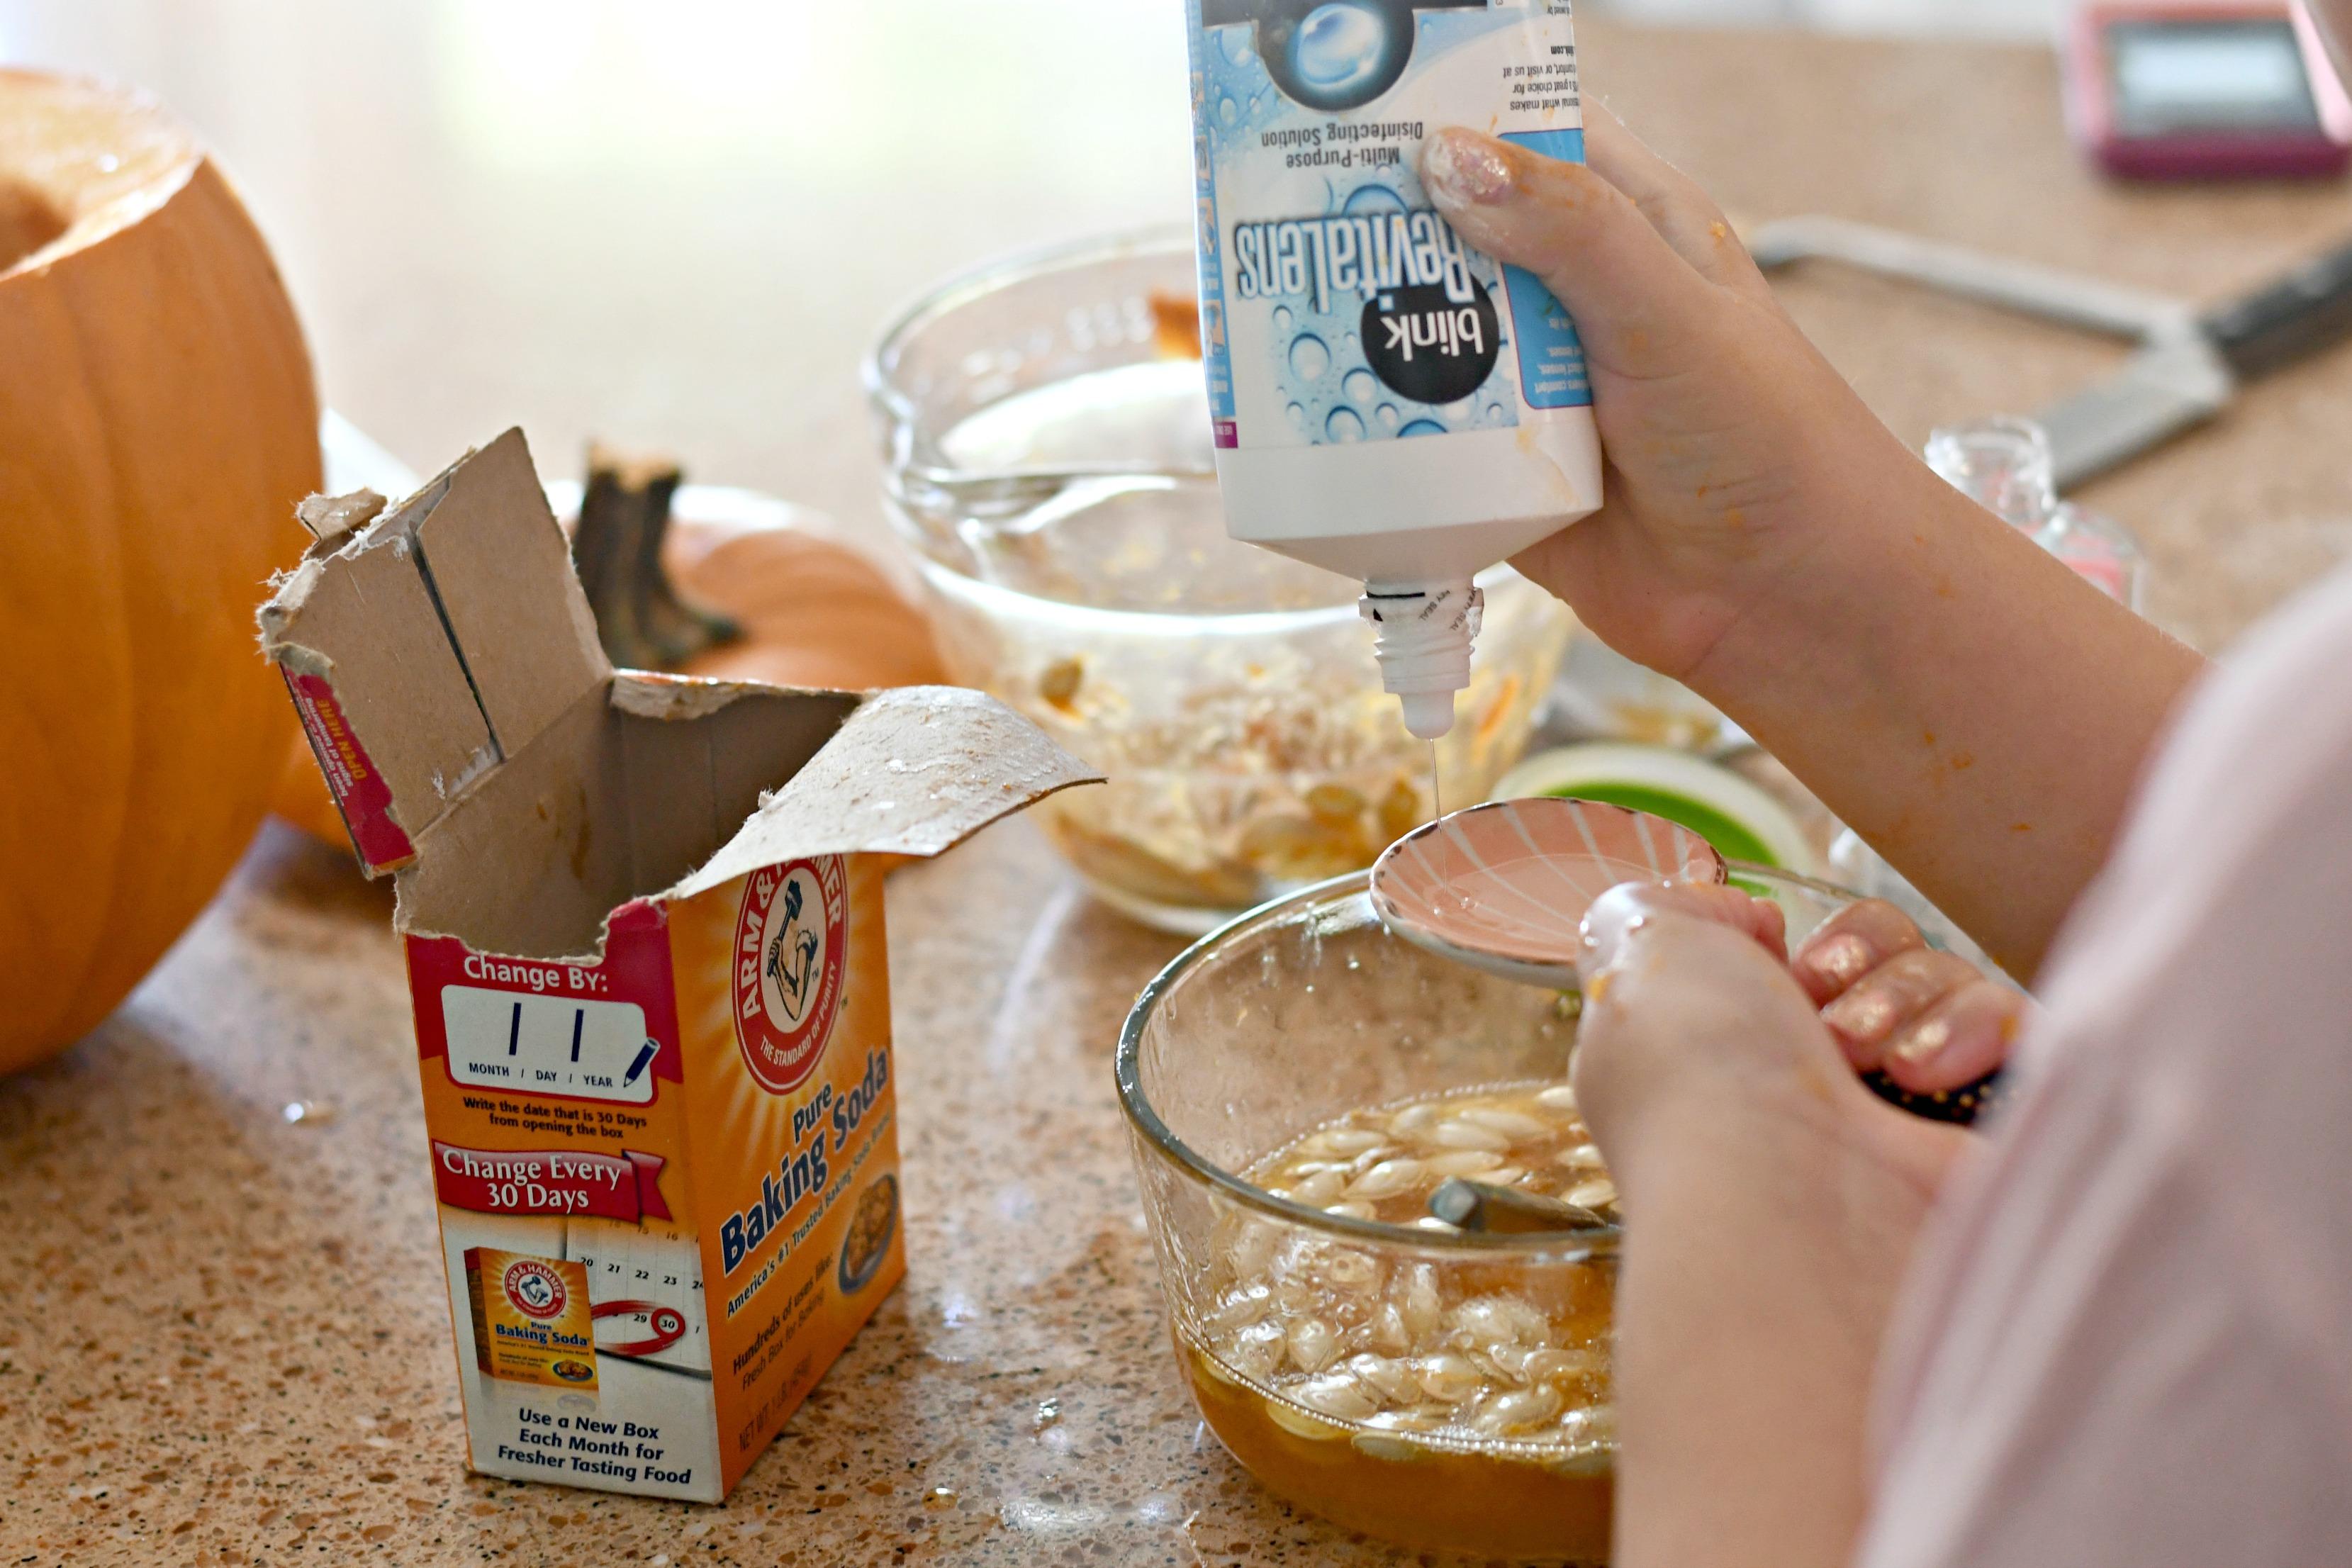 DIY Pumpkin Guts Slime – mixing ingredients